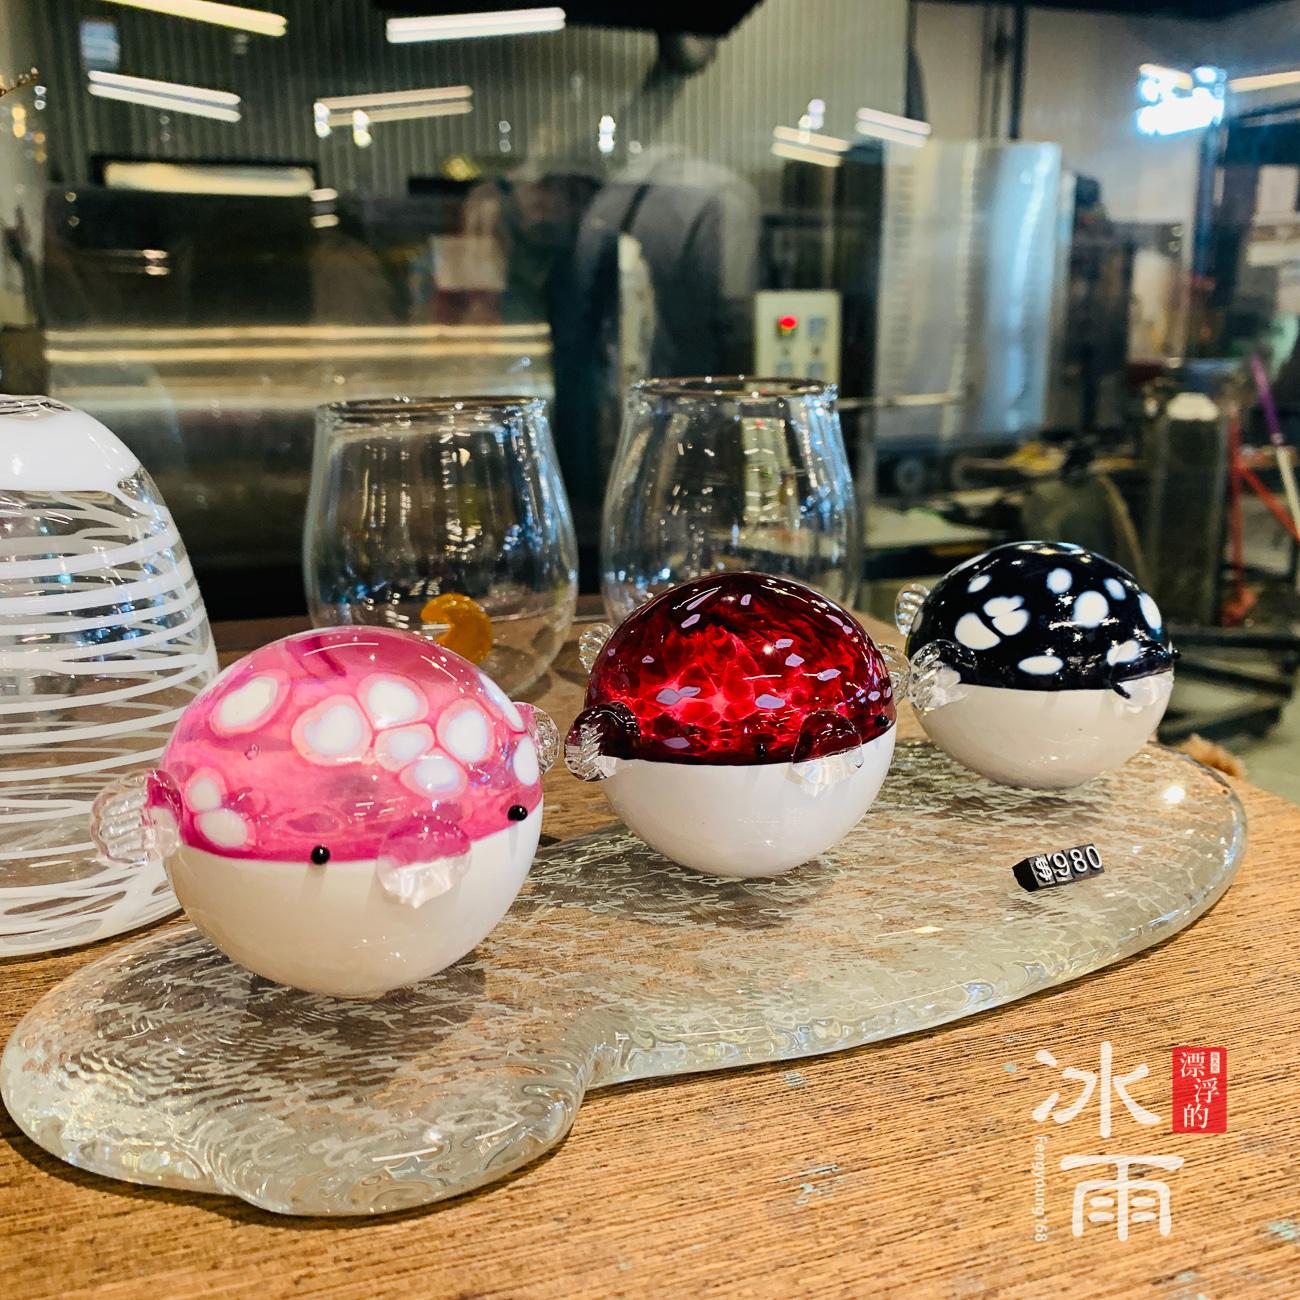 這些獨特了琉璃創作,都是獨一無二的產品,非常適合來送禮